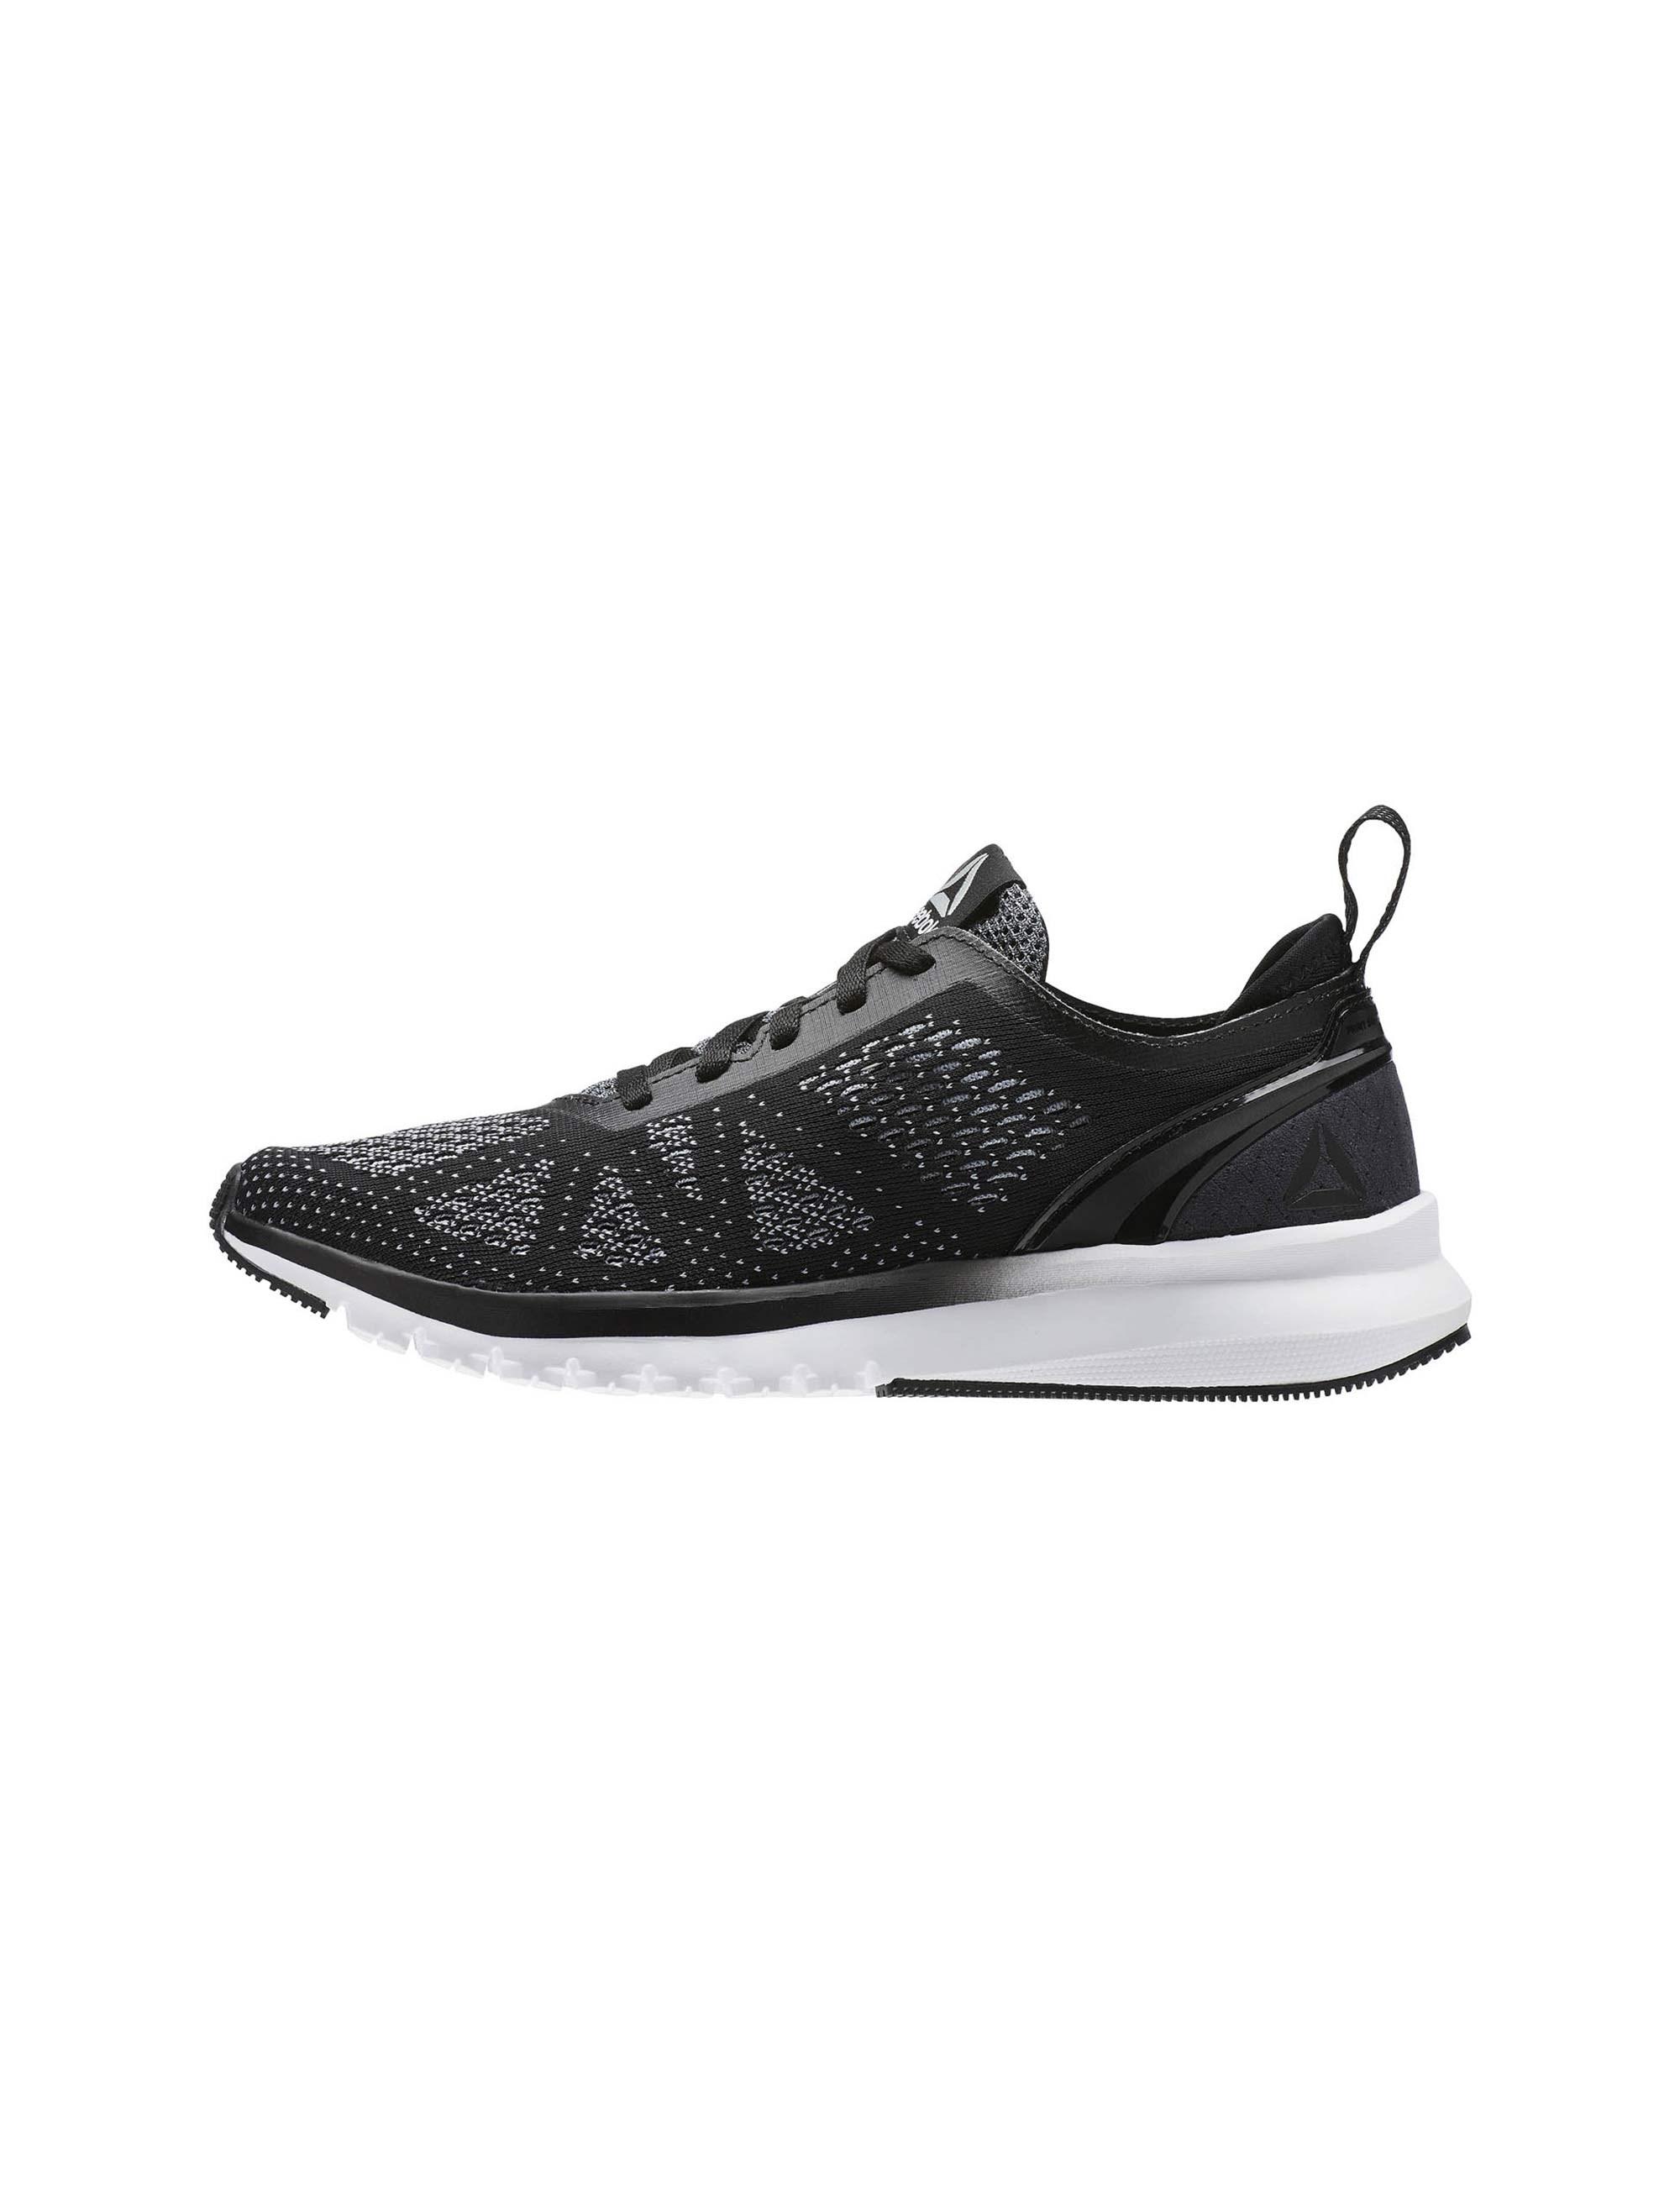 کفش مخصوص دویدن زنانه ریباک مدل Smooth Clip Ultraknit - مشکي - 3